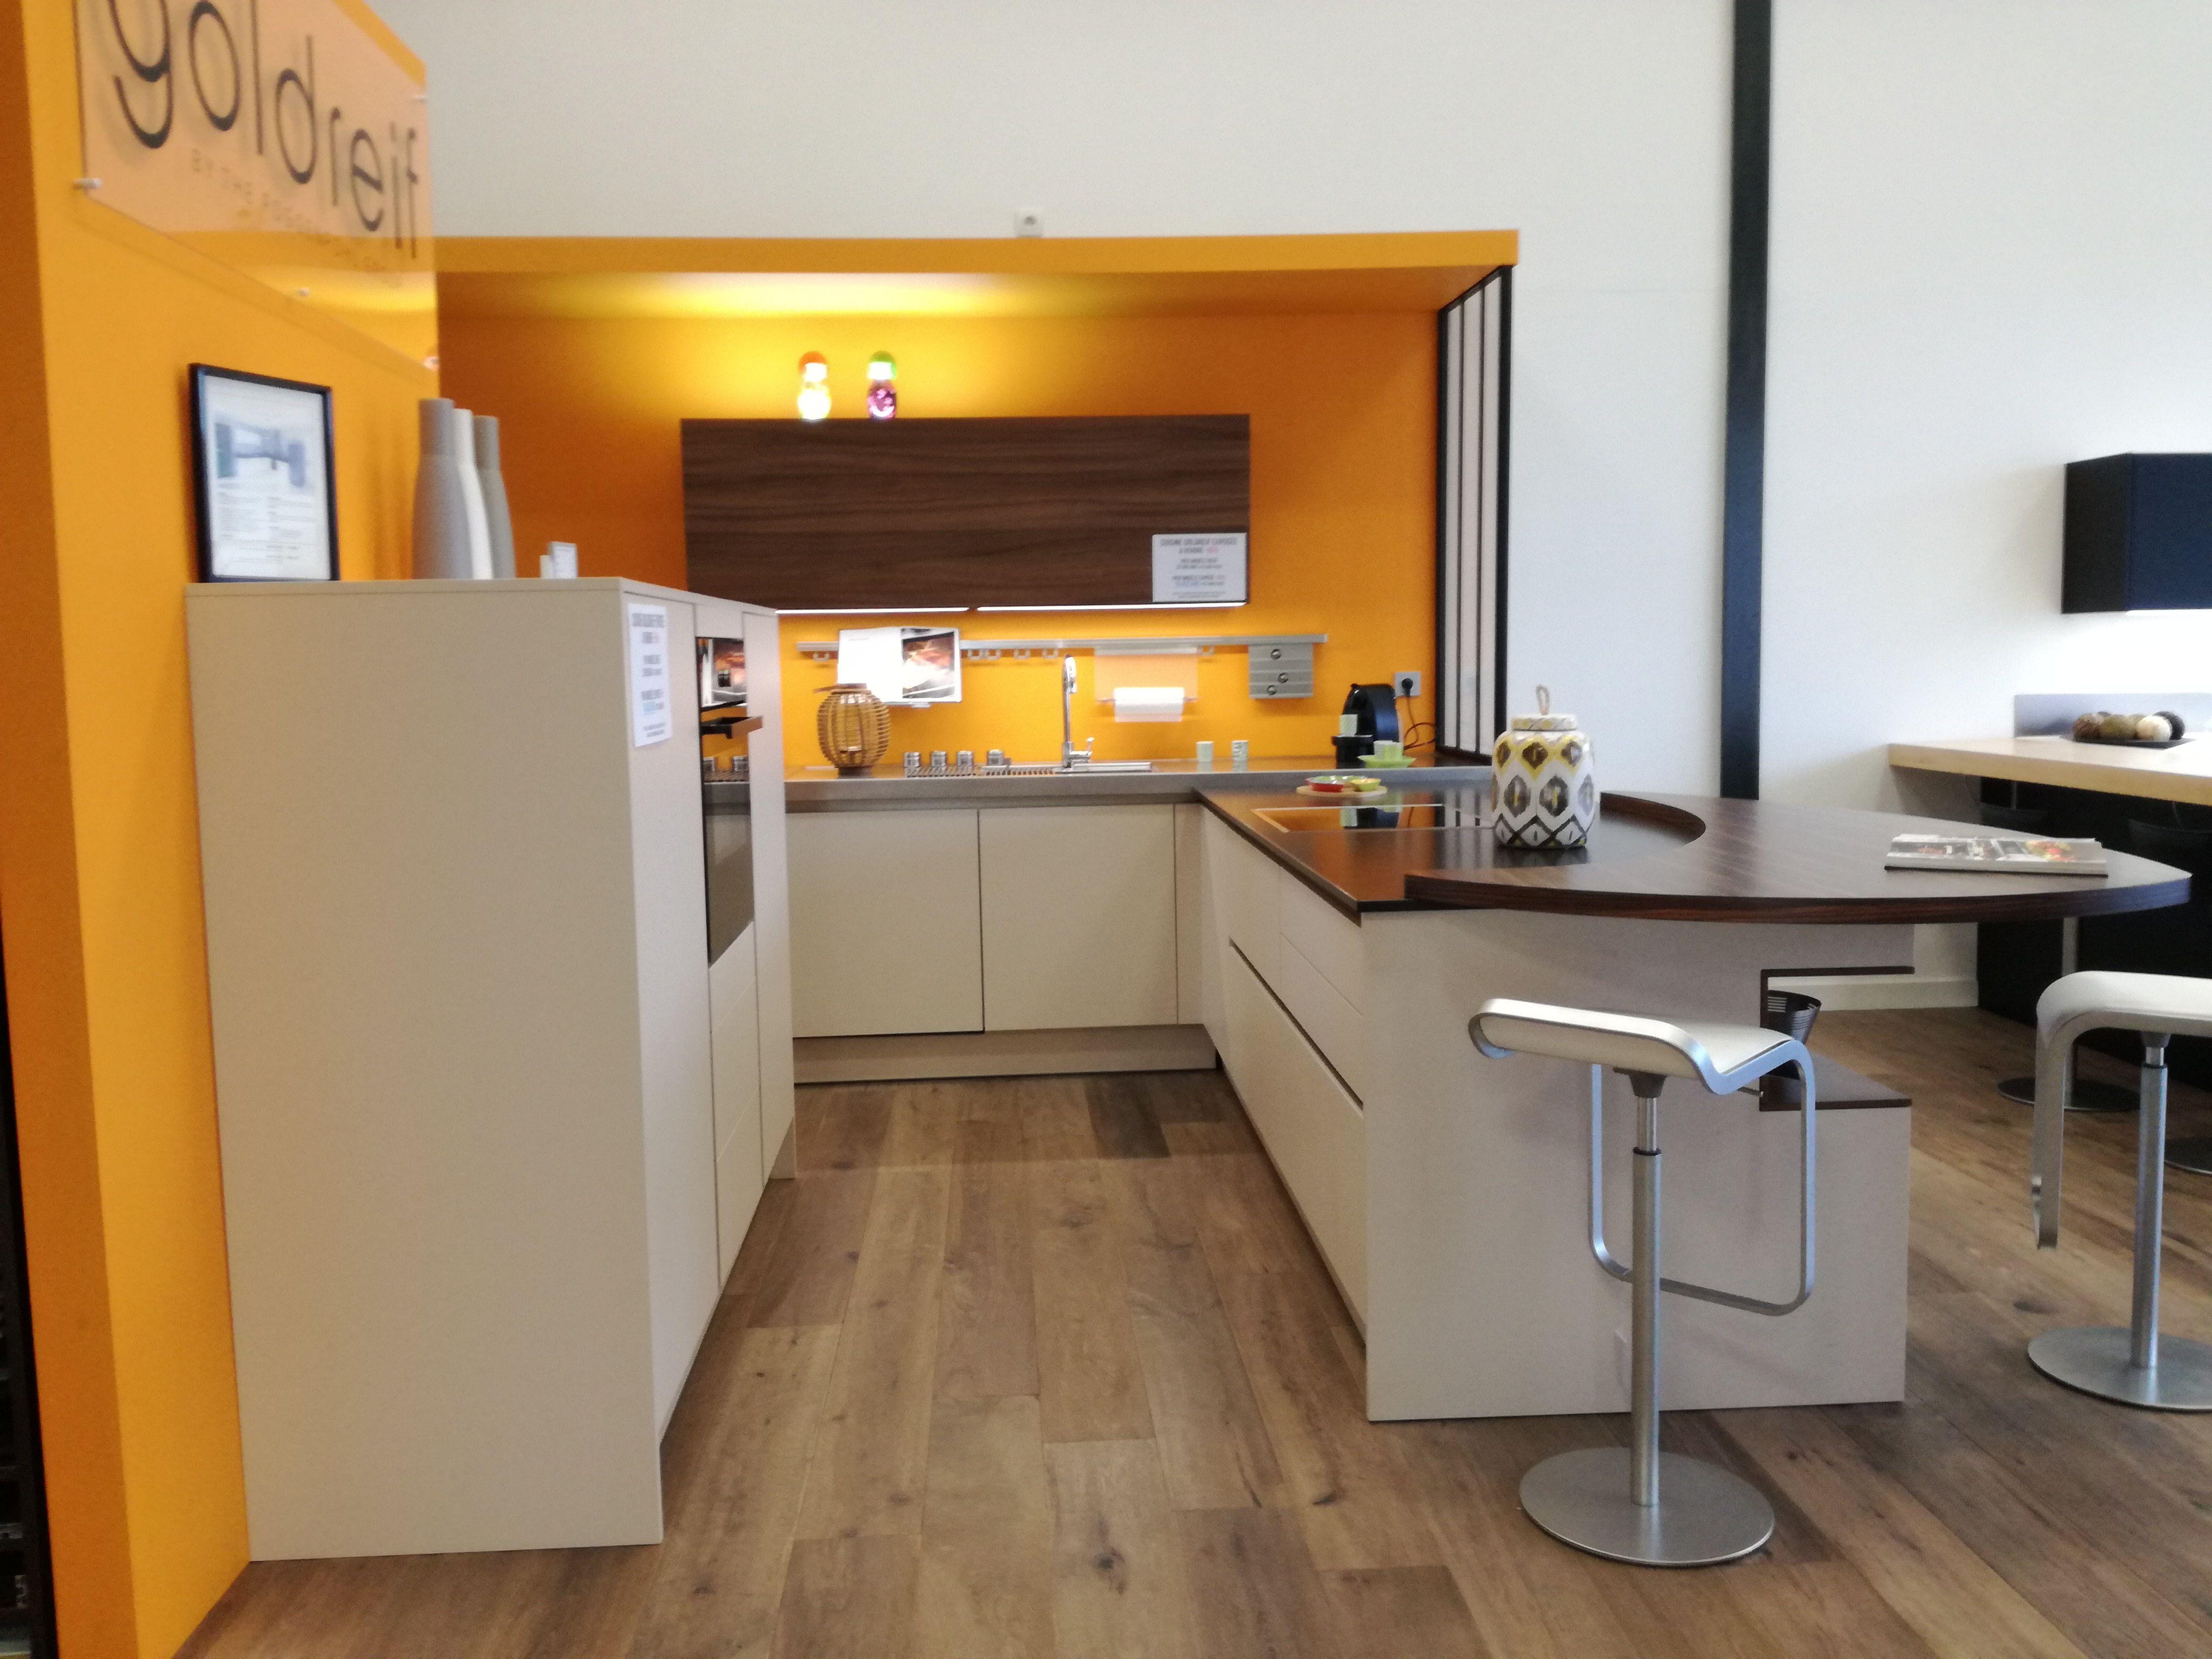 vannes cuisine excellent cuisiniste vannes inspirant cuisine modle et ambiance de cuisine. Black Bedroom Furniture Sets. Home Design Ideas